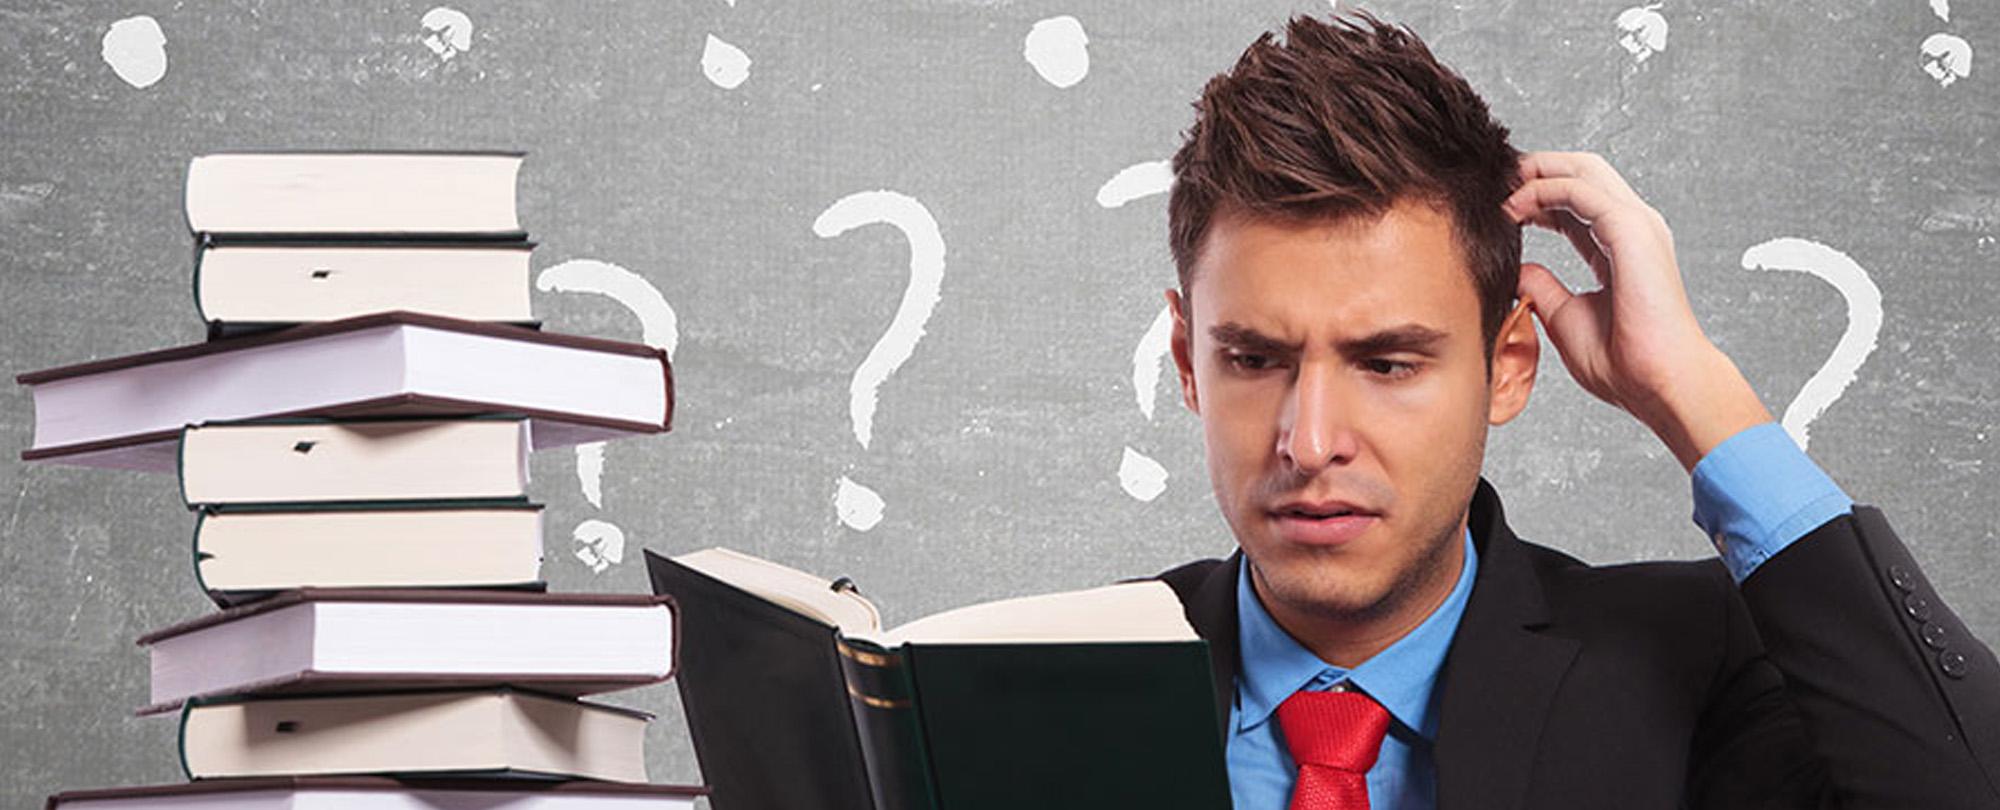 La importancia del marketing de contenidos en los despachos de abogados | David Muro